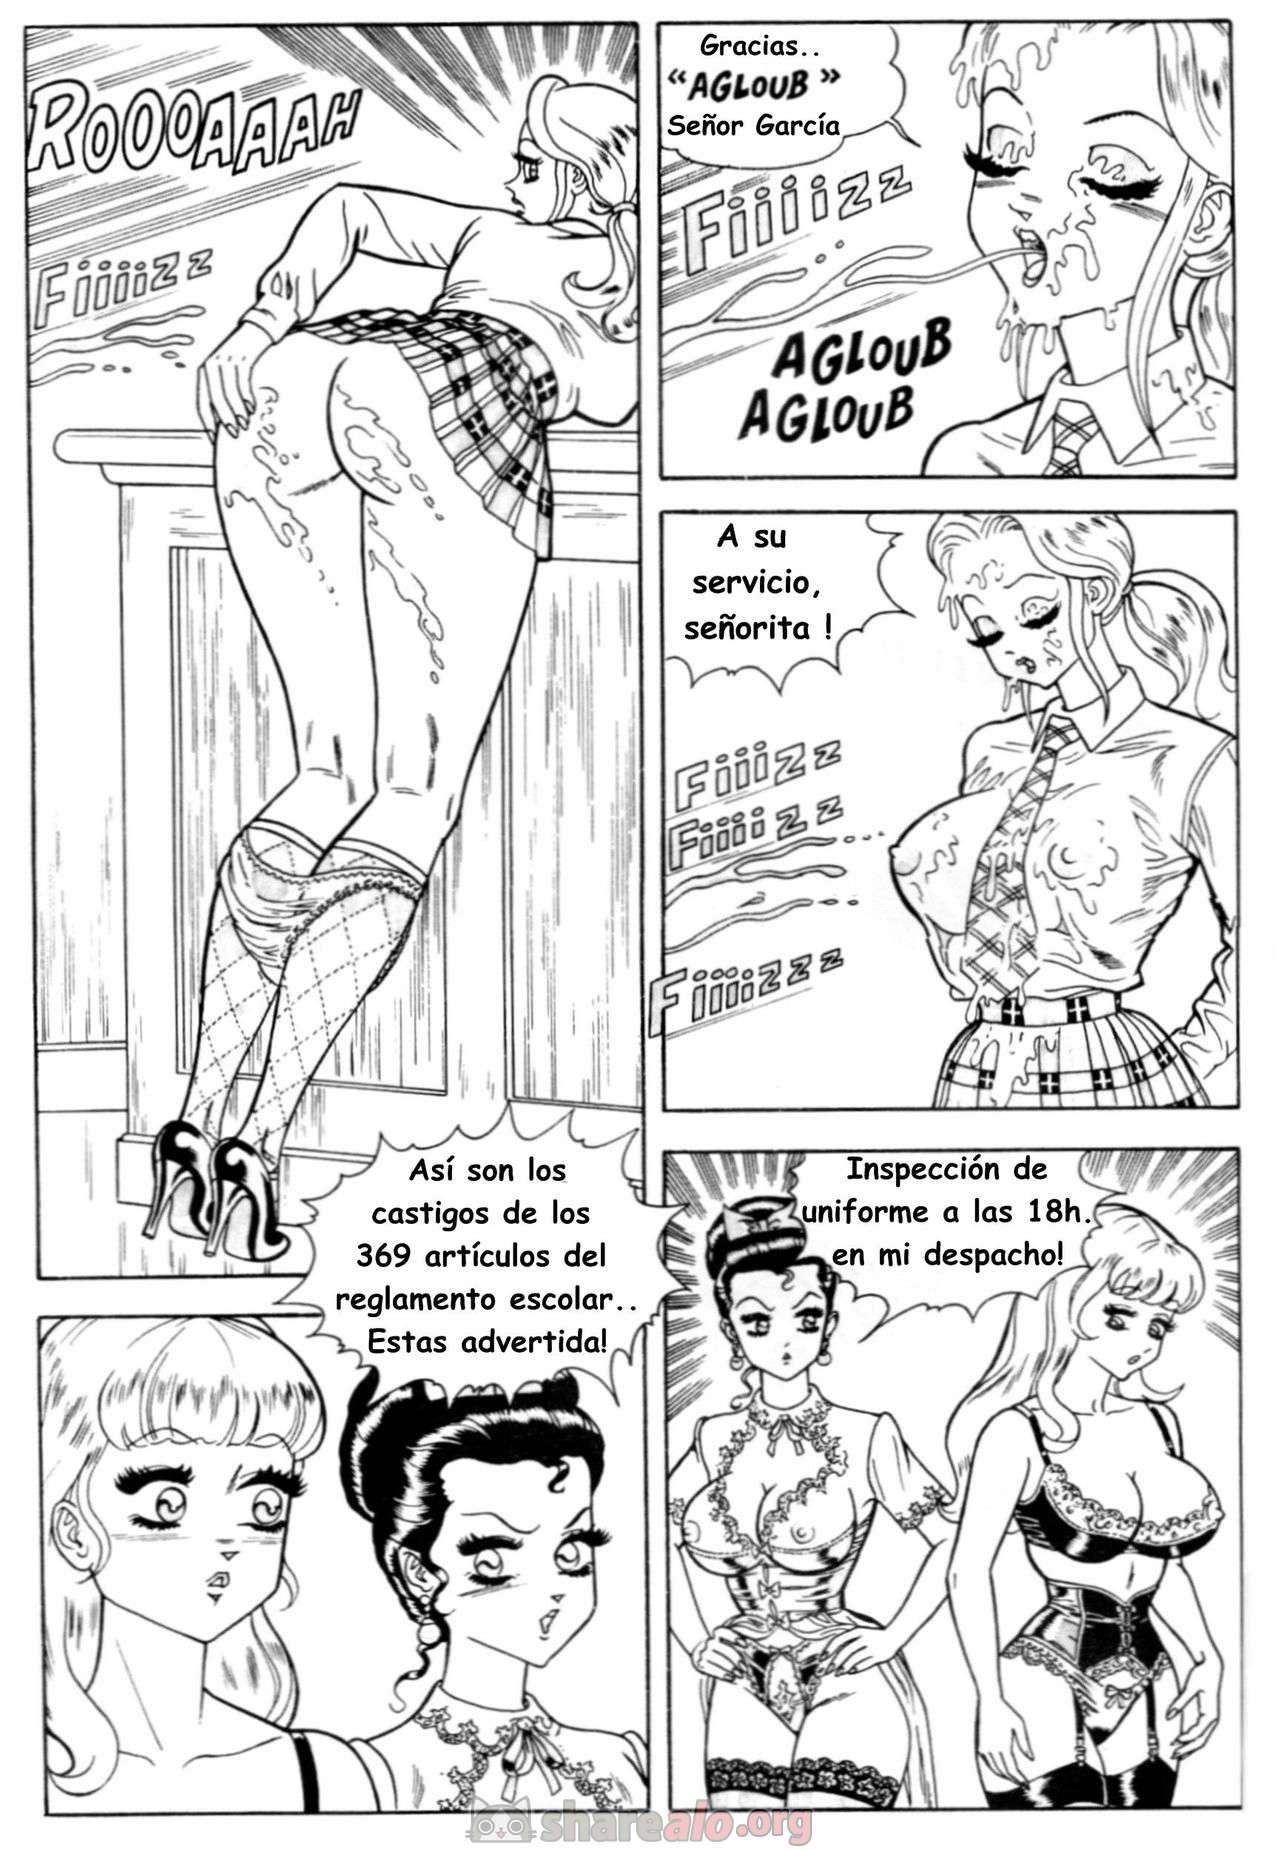 [ Escuela de Señoritas (Jardín de Rosas Manga Hentai) ]: Comics Porno Manga Hentai [ 73FiDt0u ]